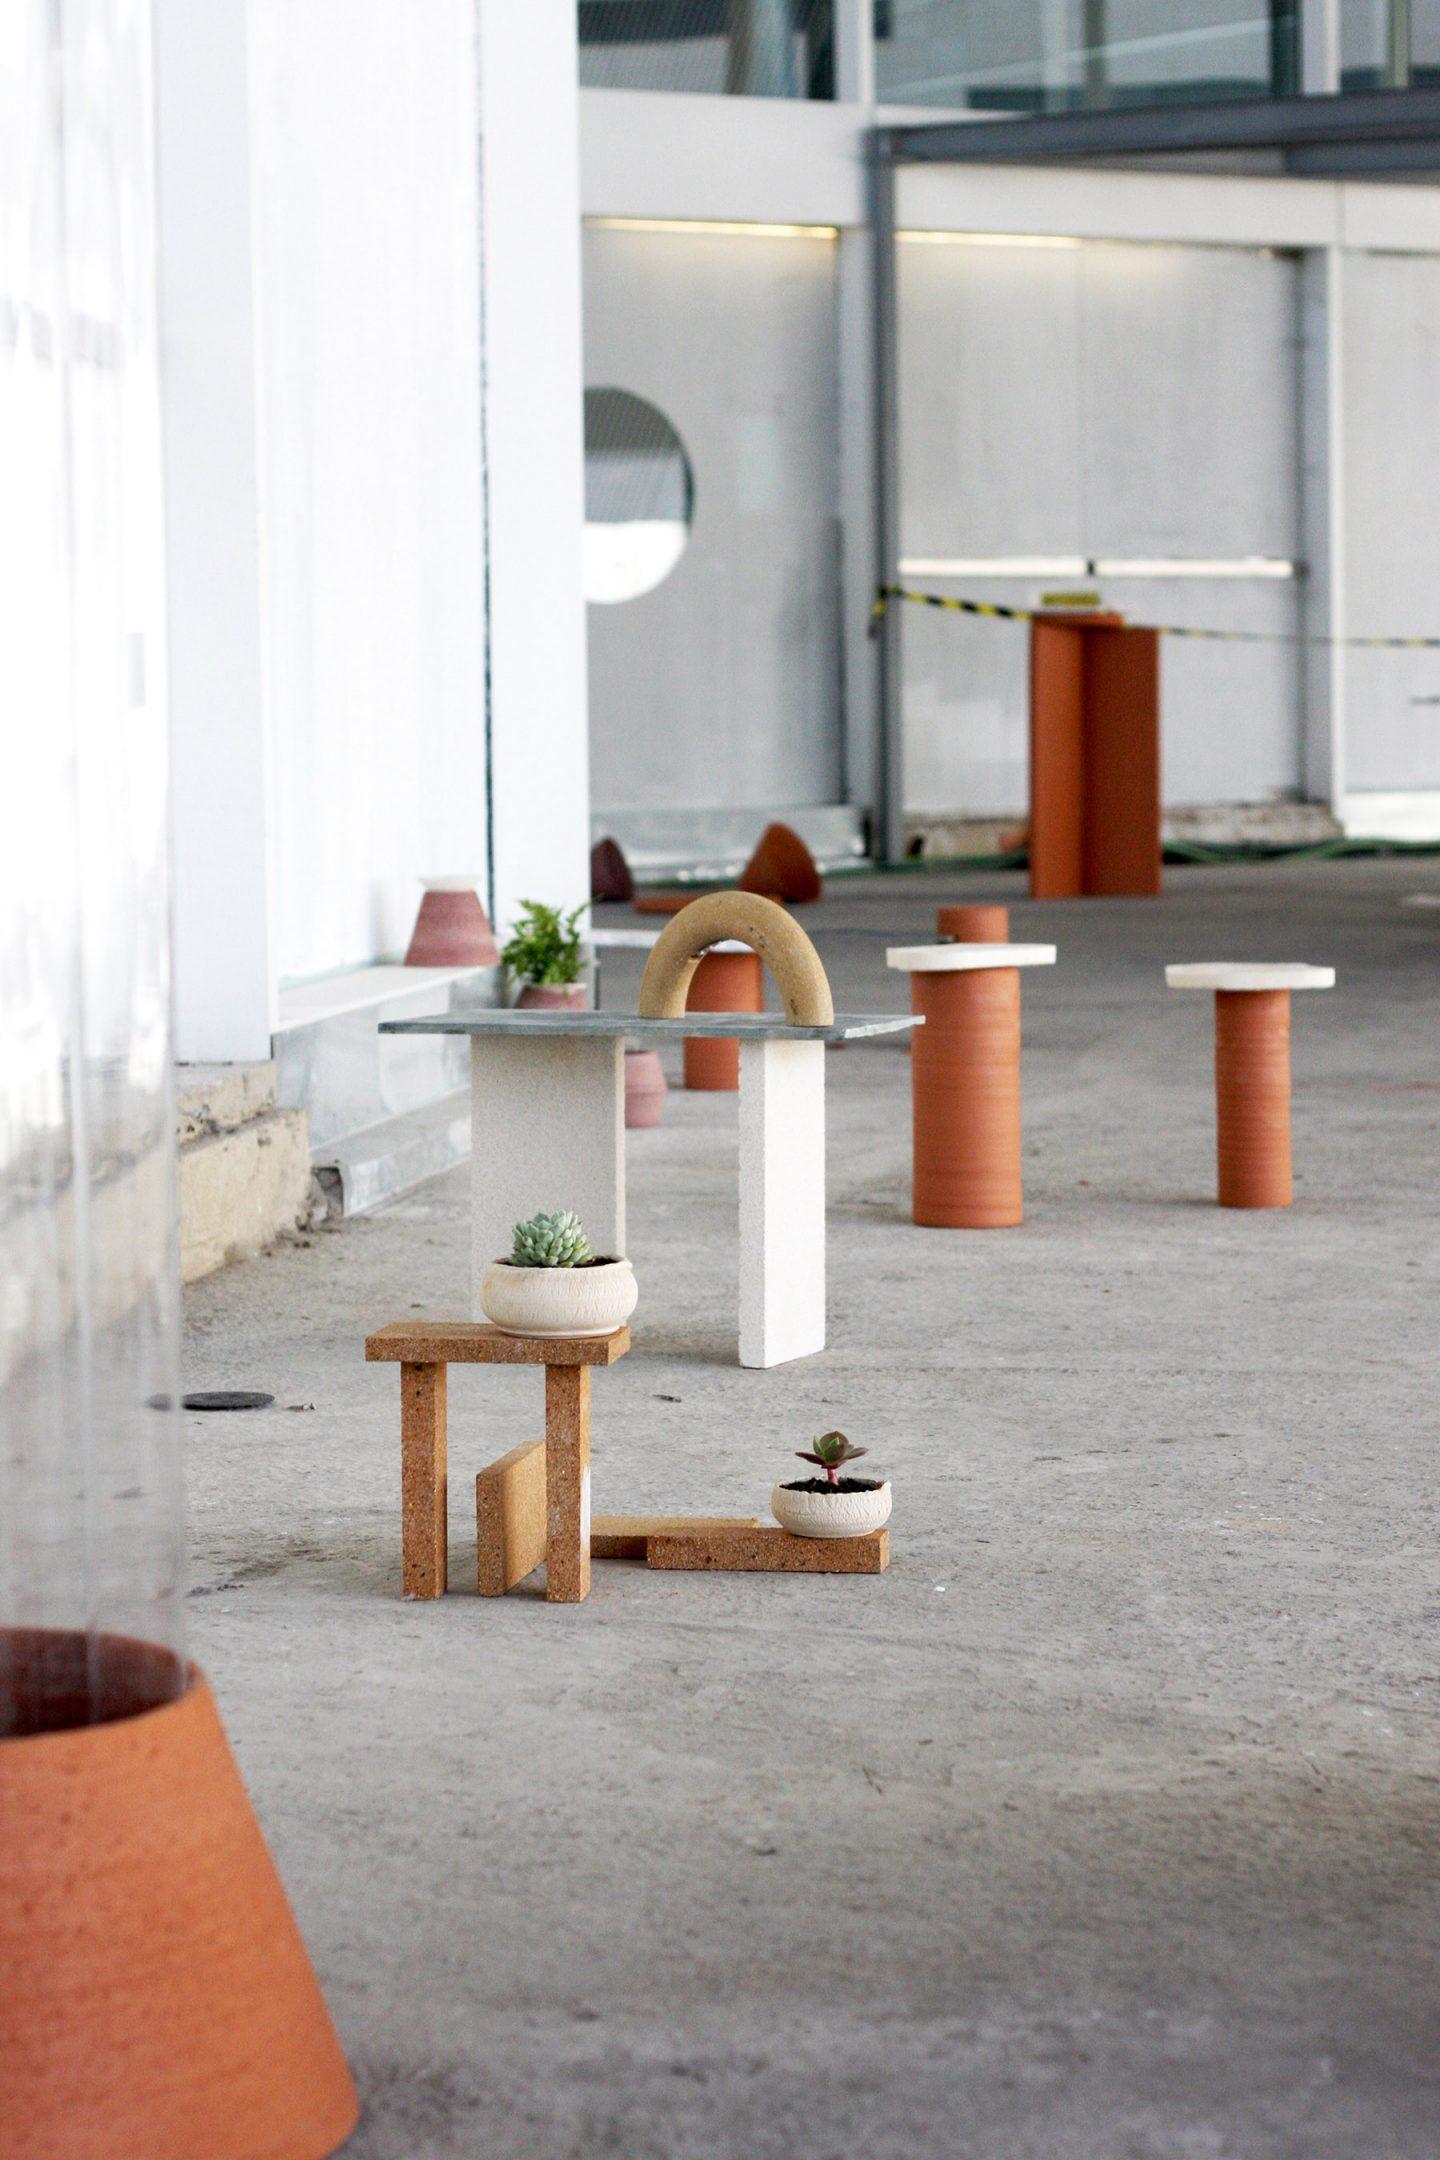 iGNANT-Design-Julen-Ussia-Acopio-018